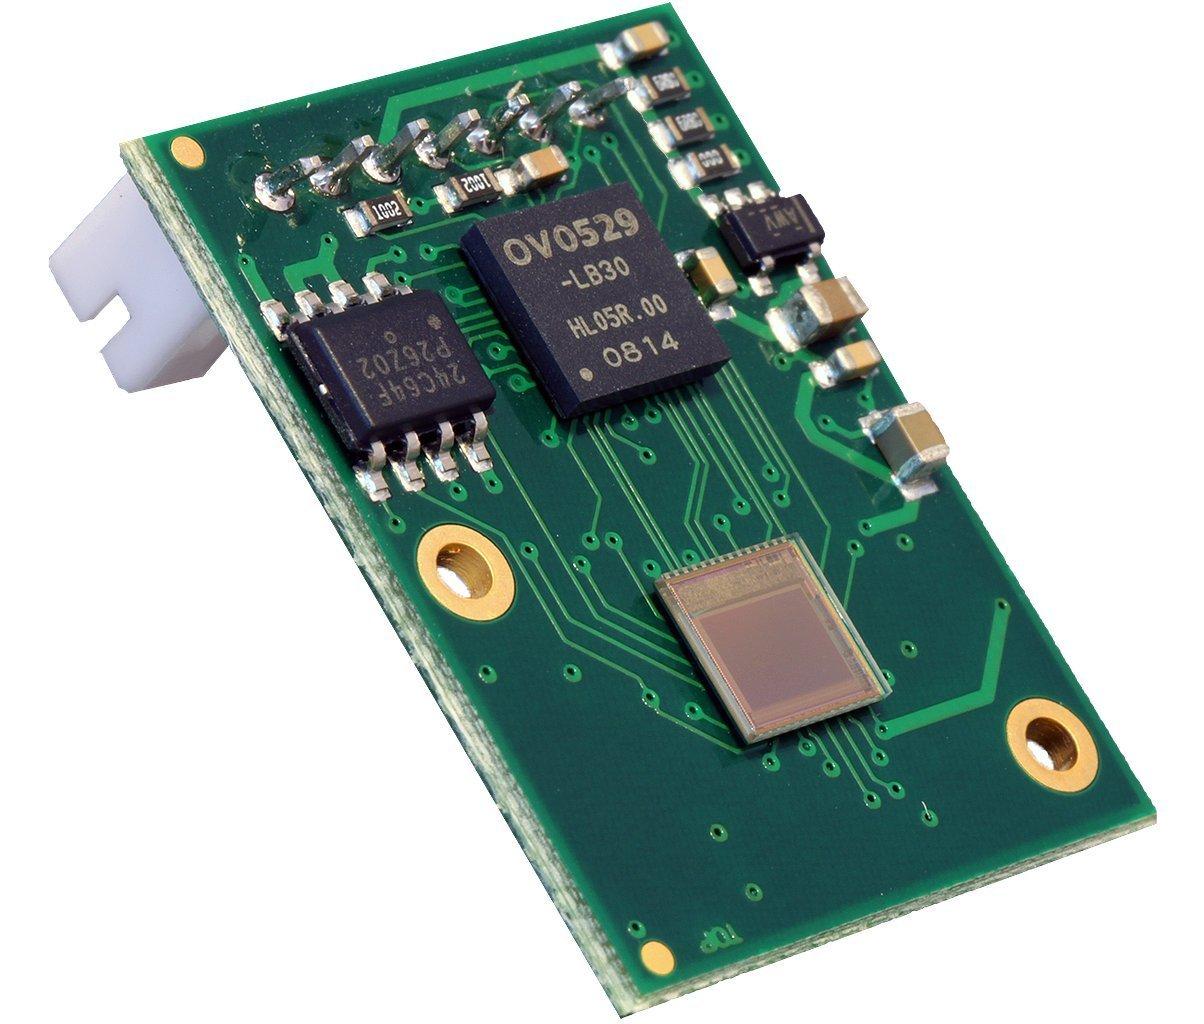 C329BW-SPI-board Monochrome JPEG Compression VGA Camera Module (no lens)